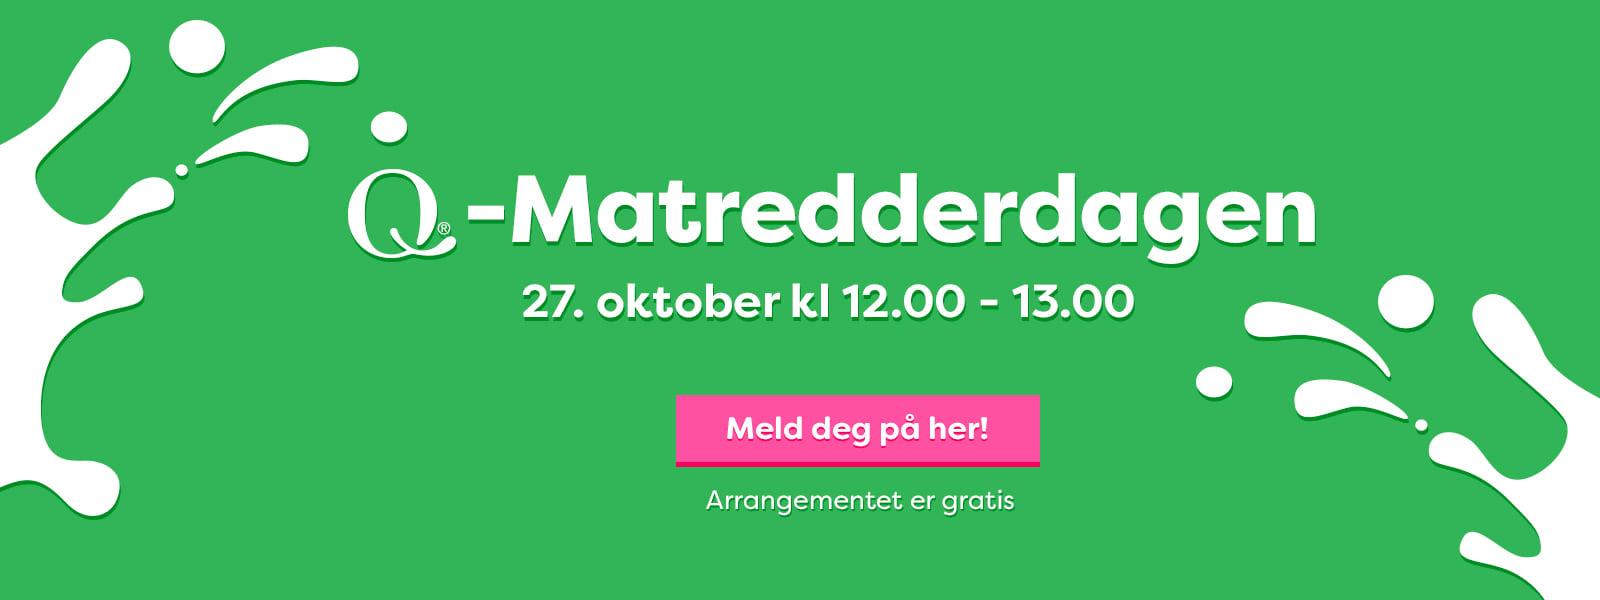 Norges største matredderdag går av stabelen 27.oktober 2021